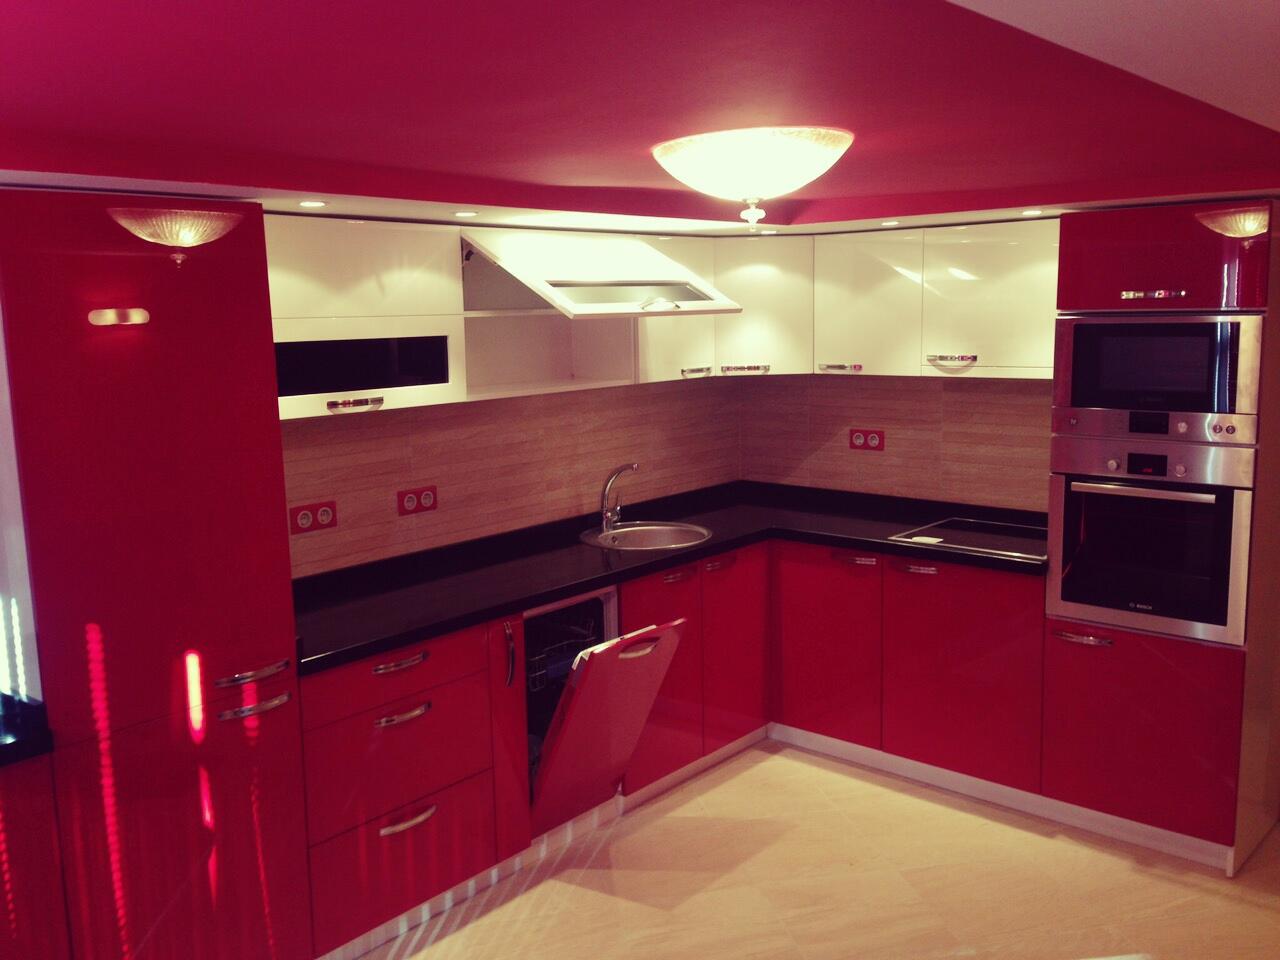 Кухненско обзавеждане - Бордо и бял гланц